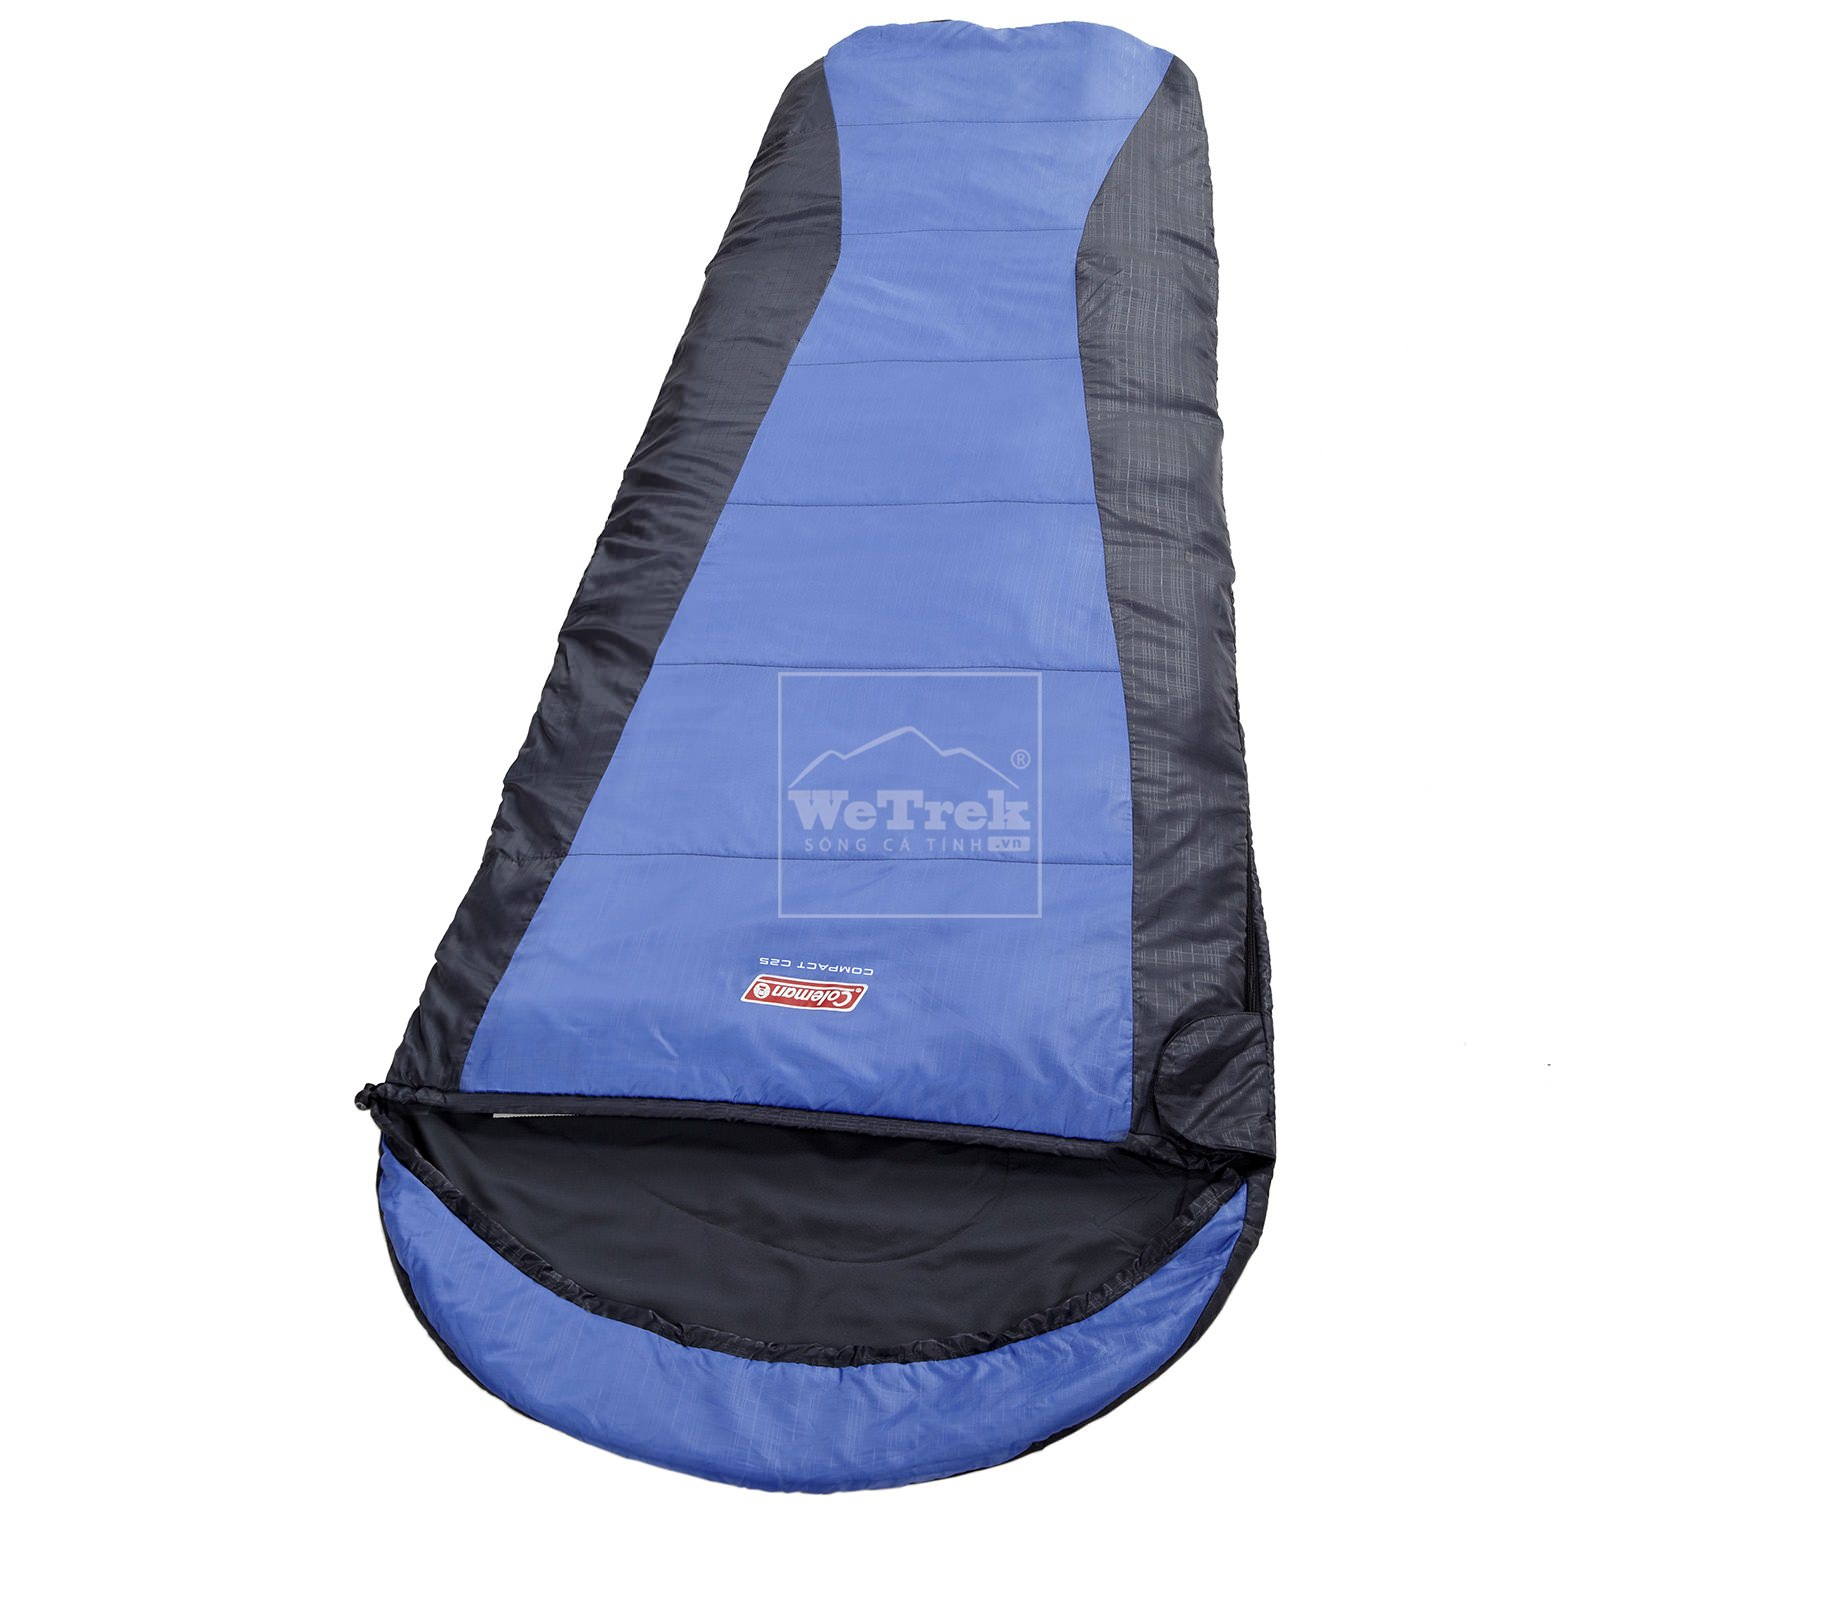 Túi ngủ Coleman C25 Sleeping Bag Backpacking 2000015228 - 7403